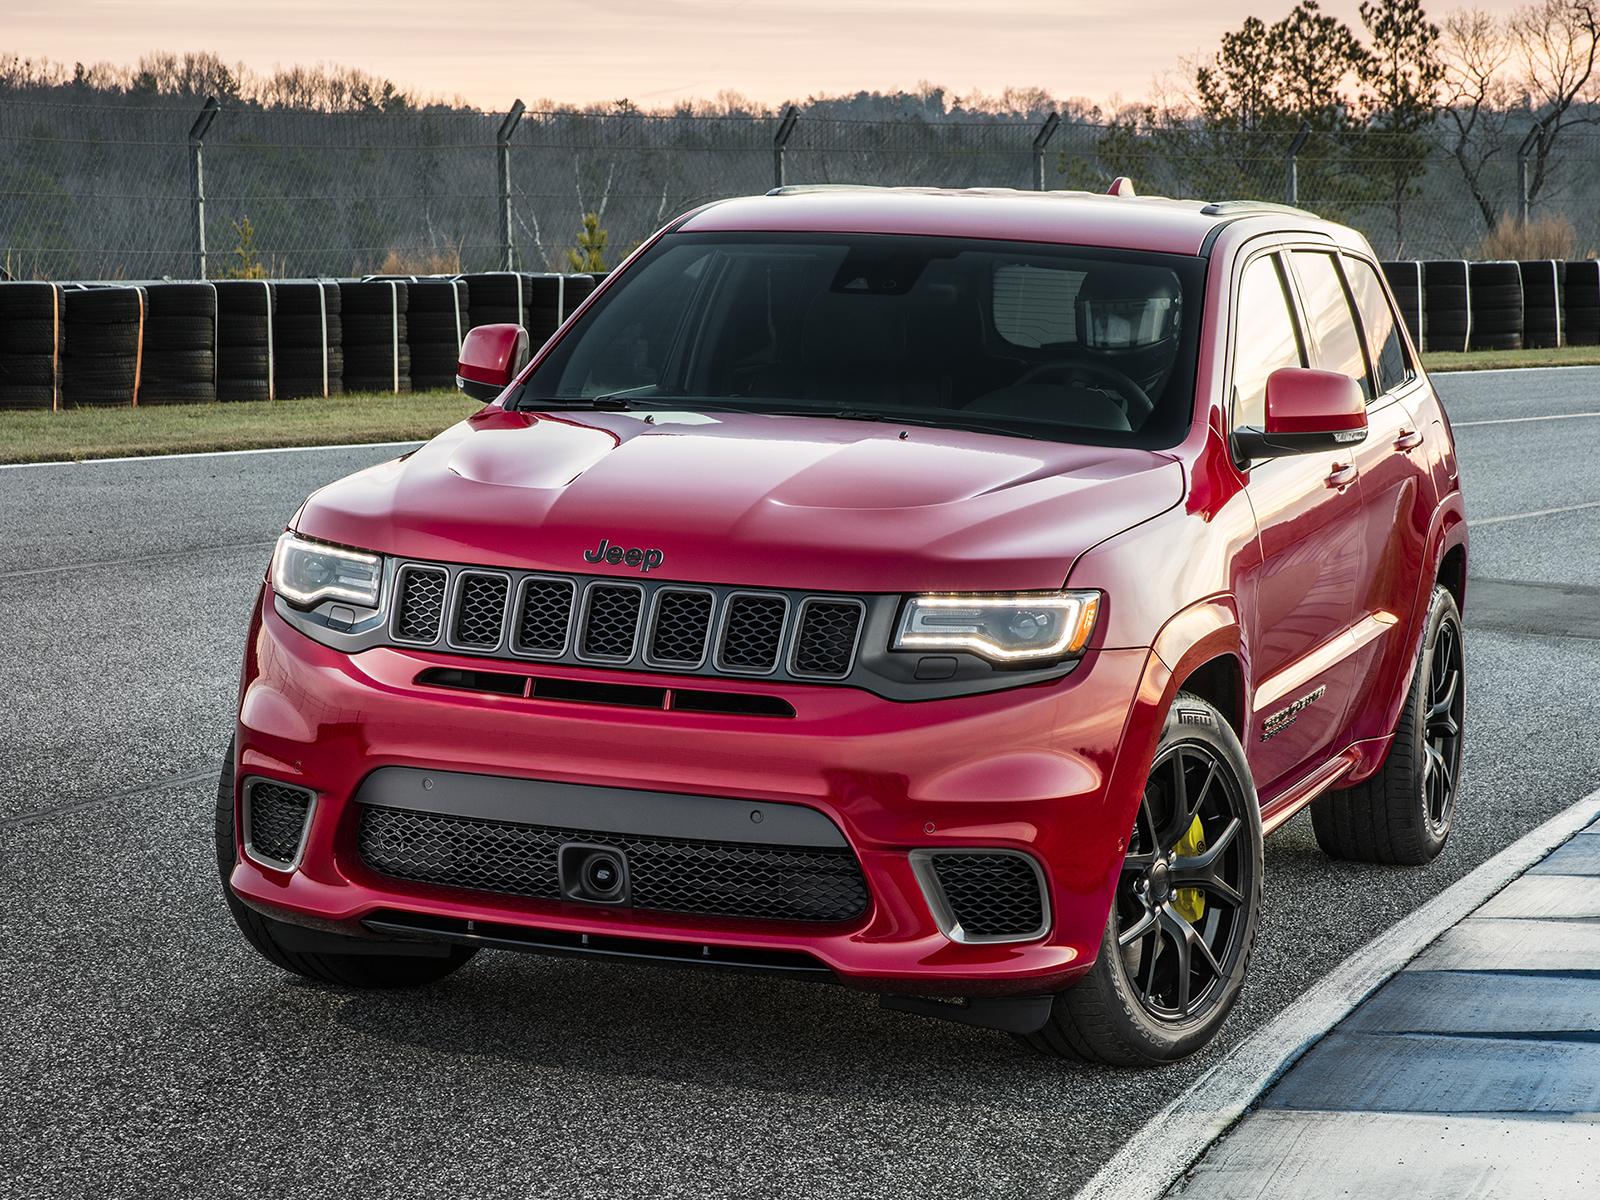 В России можно будет купить самый мощный Jeep Grand Cherokee - Колеса.ру 2d279f9f85c3f